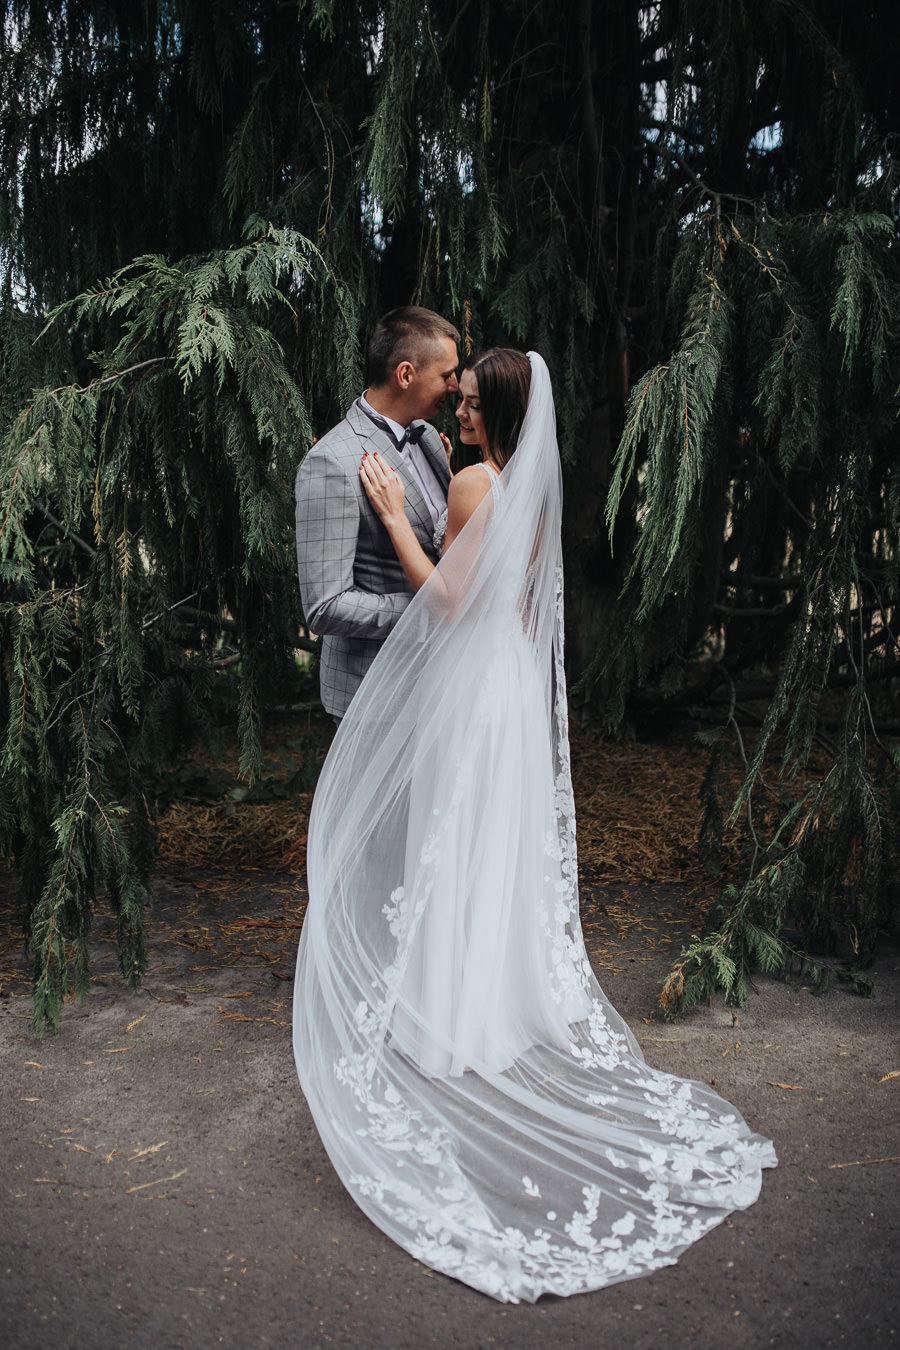 Sesja poślubna w oranżerii 33